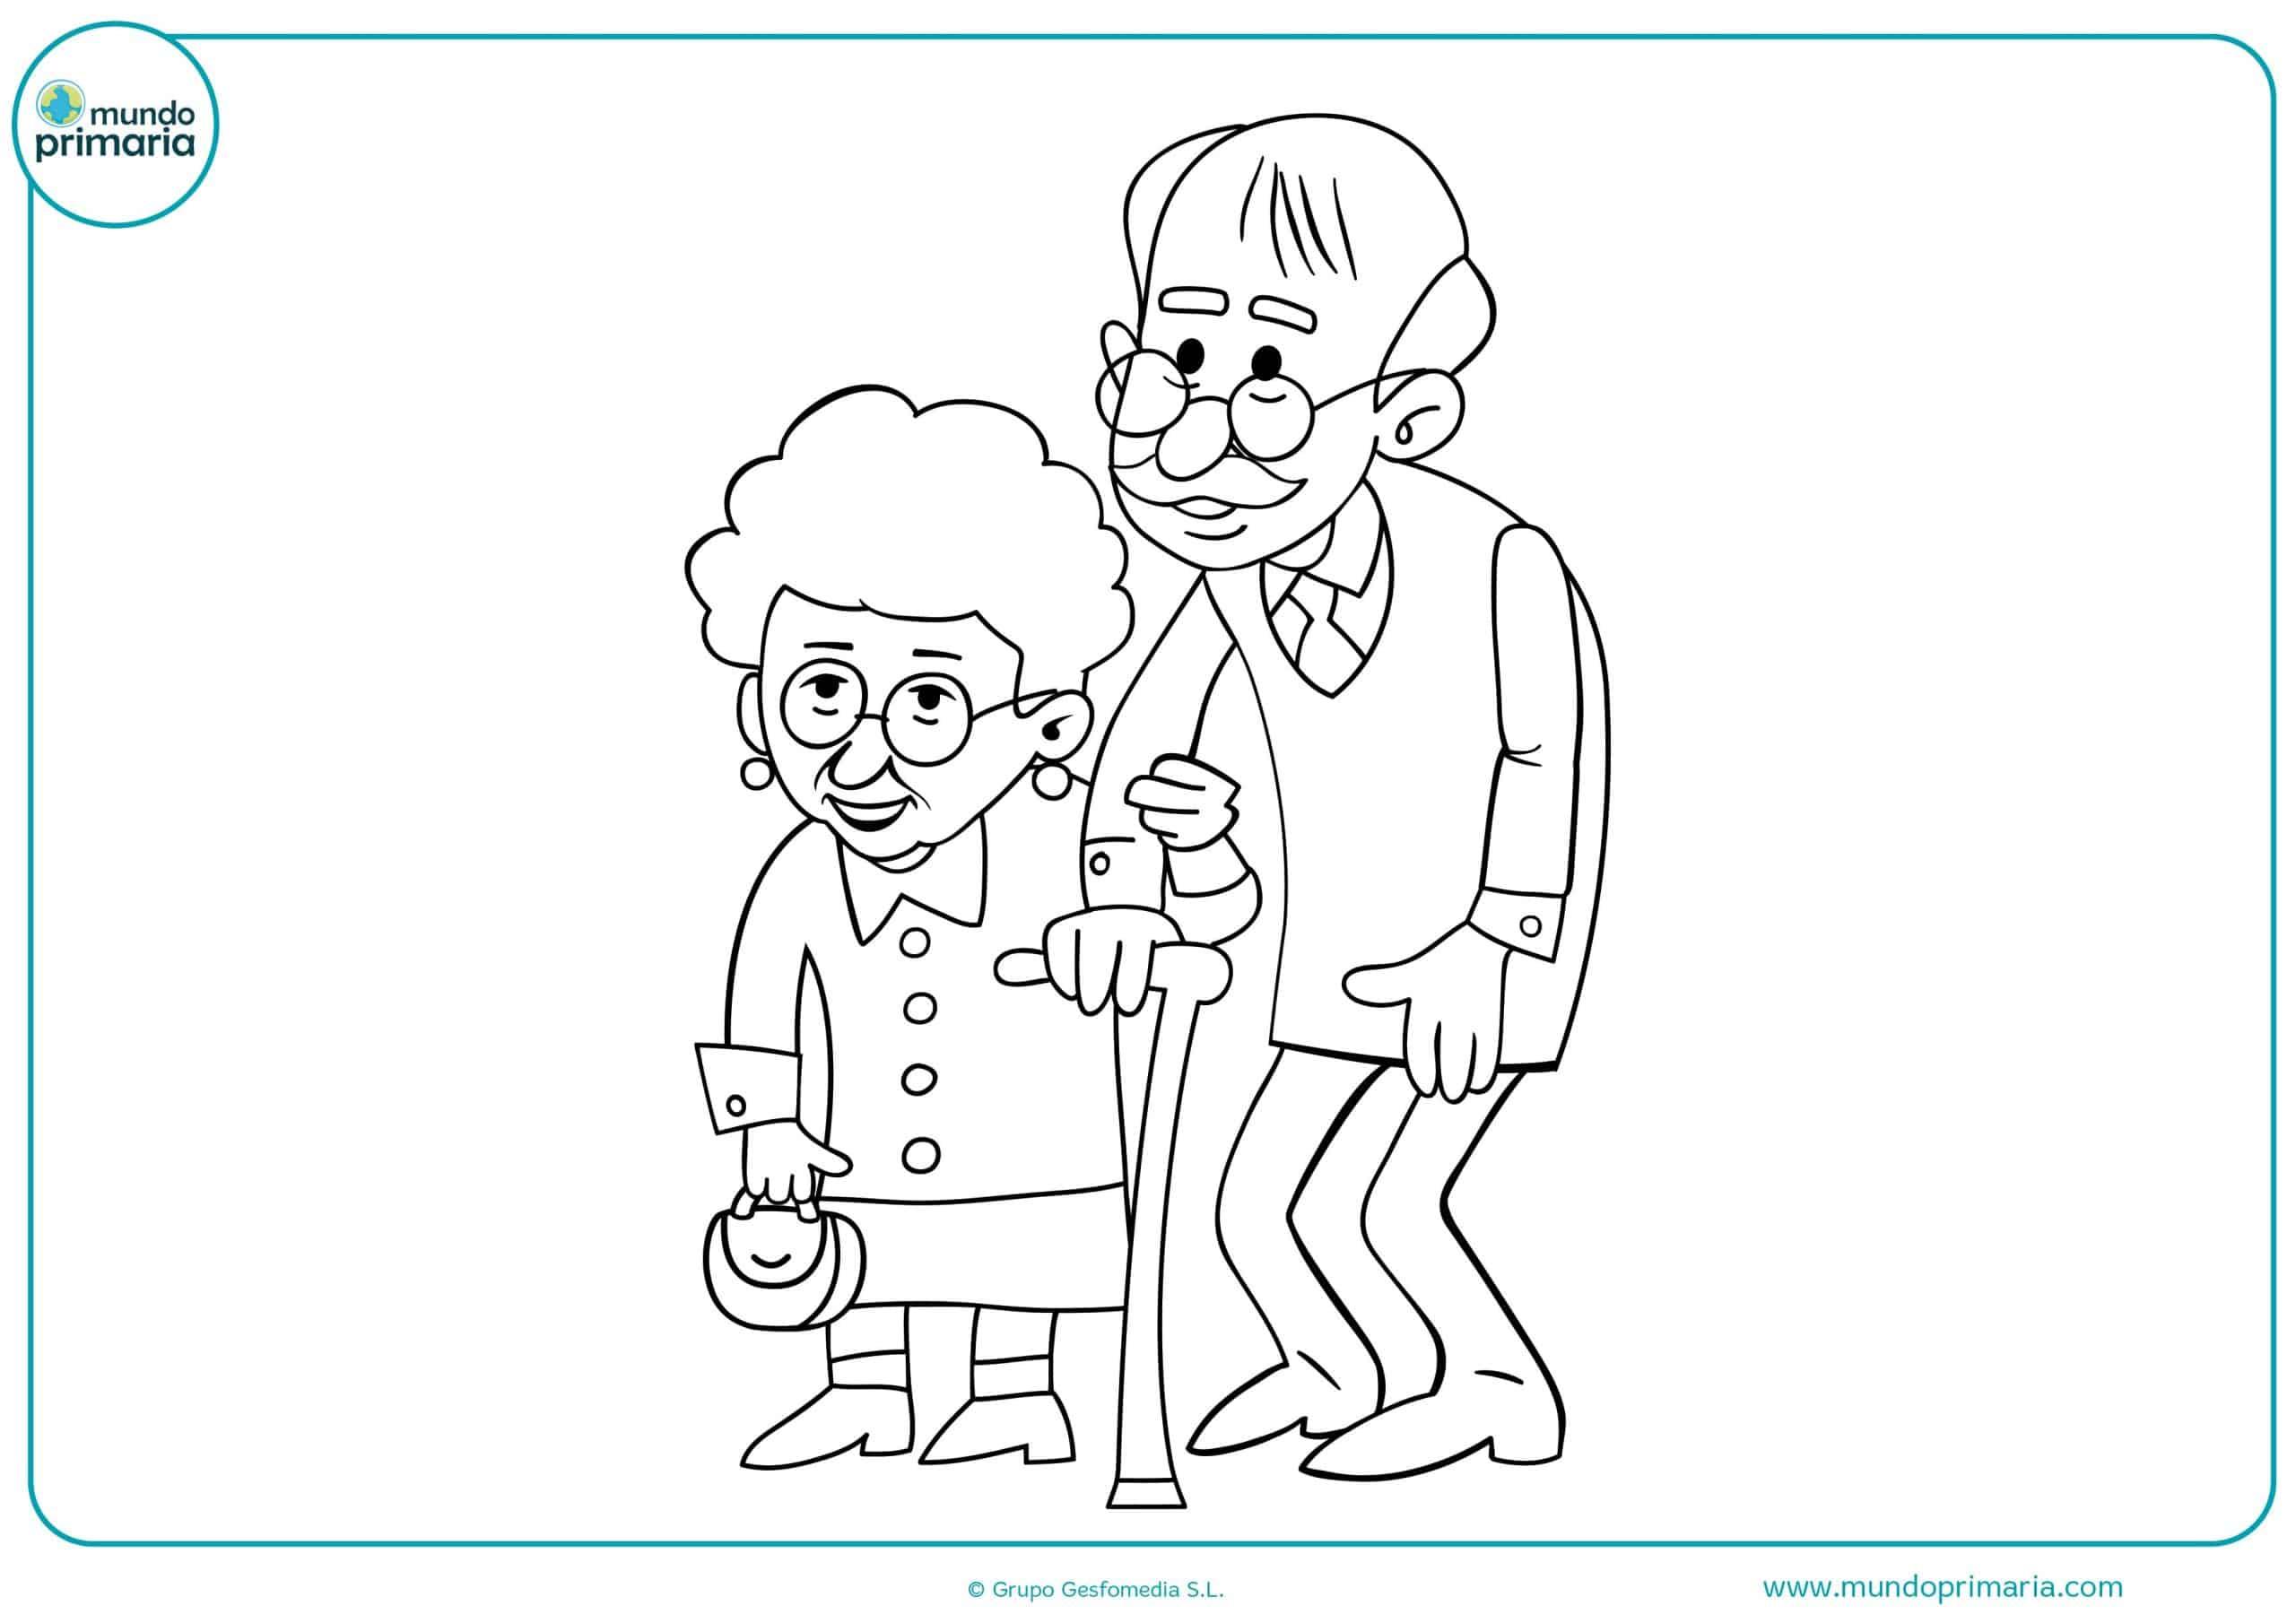 Dibujos de abuelos y abuelas para pintar - Mundo Primaria